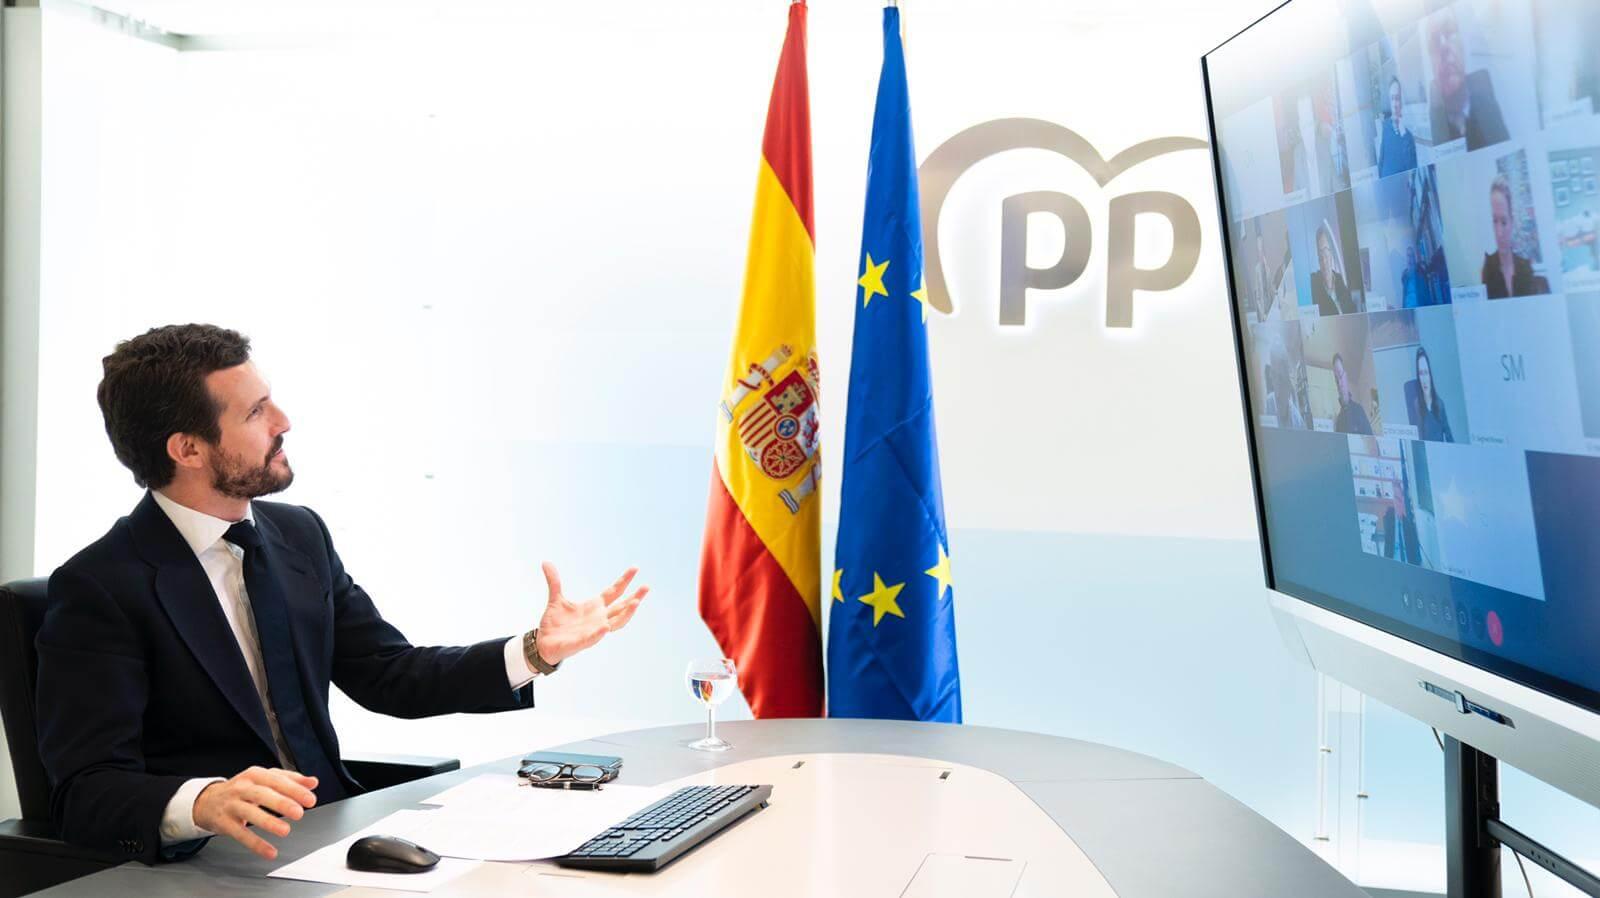 Pablo Casado Pantalla